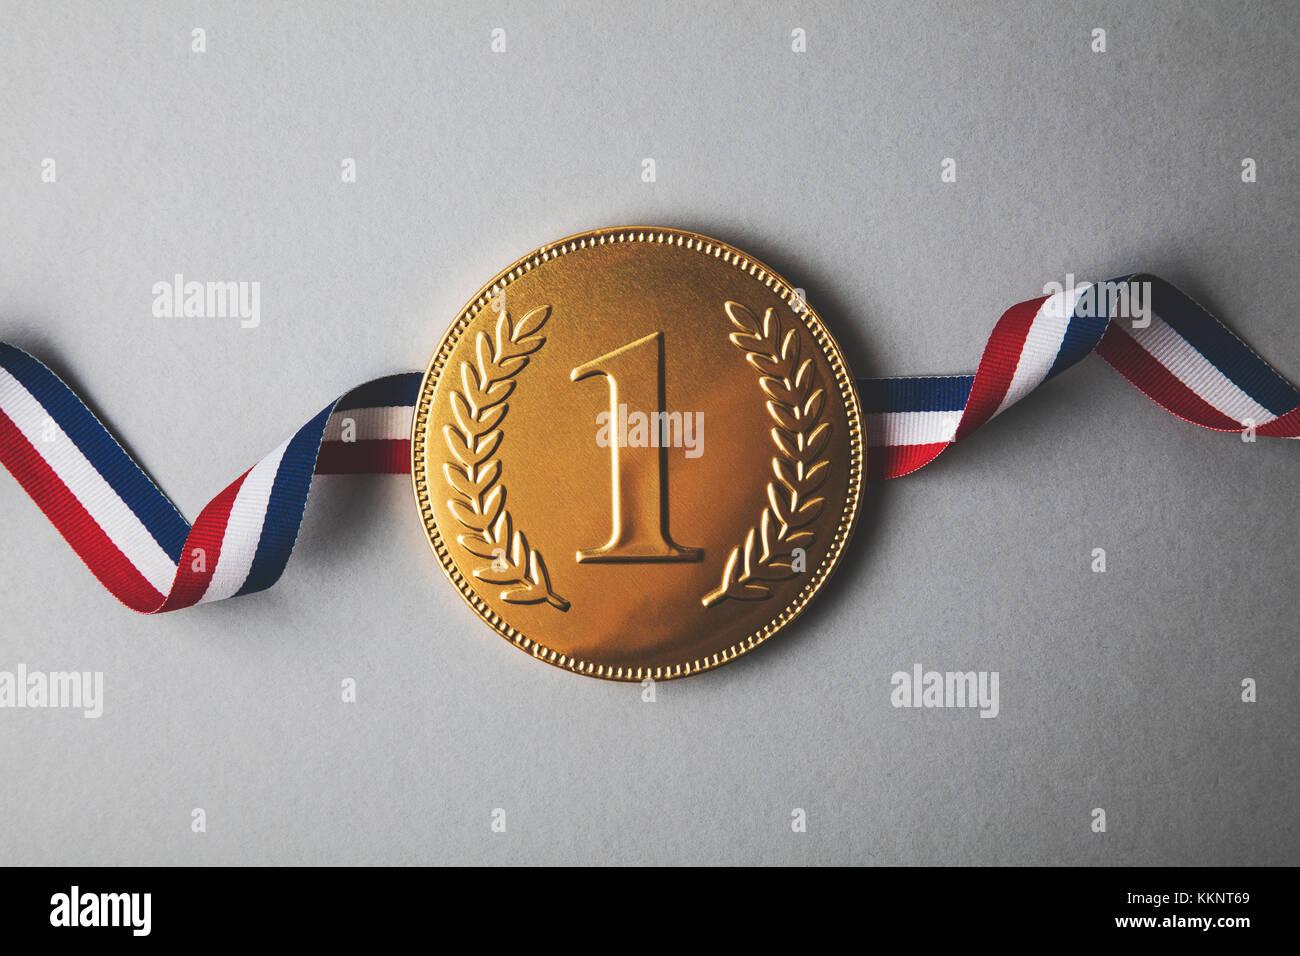 Los ganadores del primer lugar medalla de oro. El éxito logro concepto Imagen De Stock